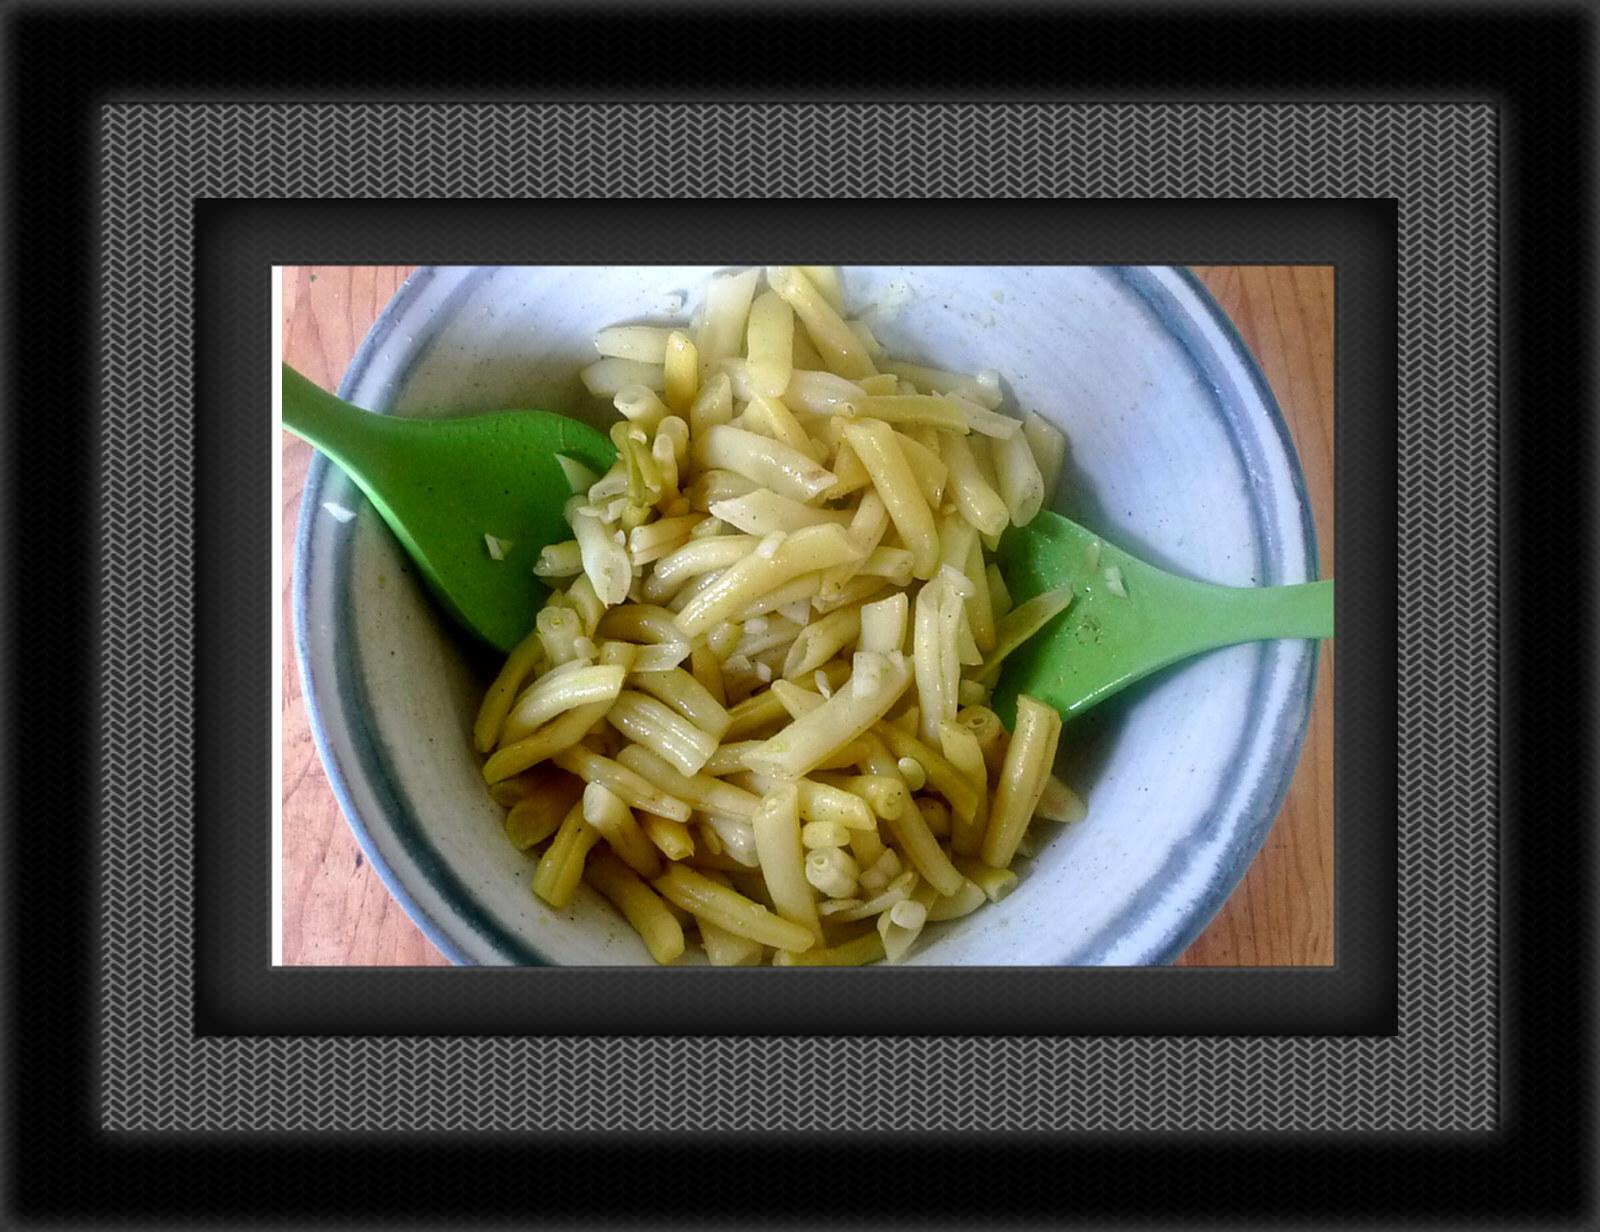 Bohnensalat-5.9.14   (1)